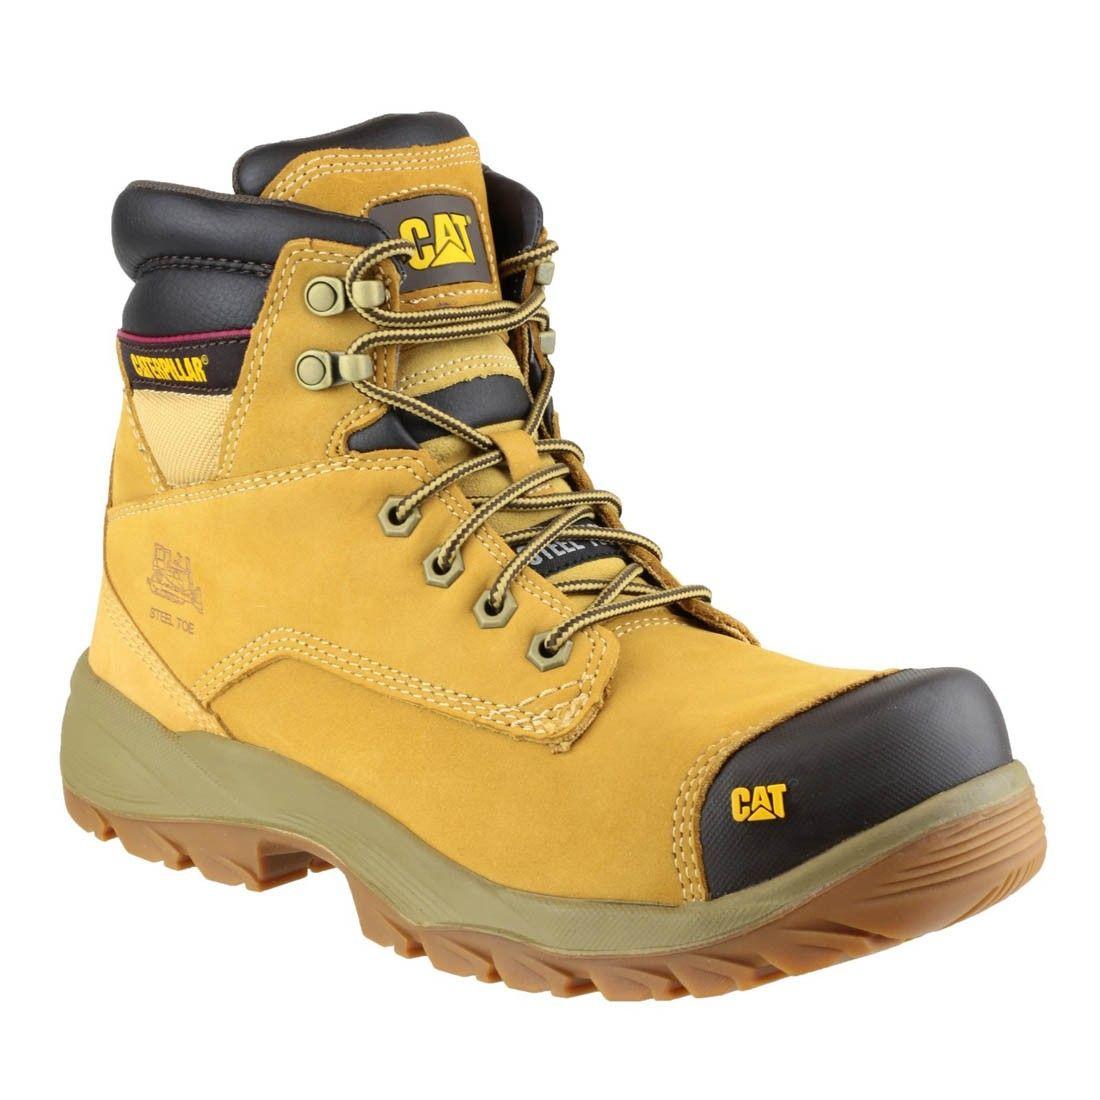 e95f992a927 Caterpillar Spiro Honey Nubuck Work Boots | Men & Women Hiking Boots ...